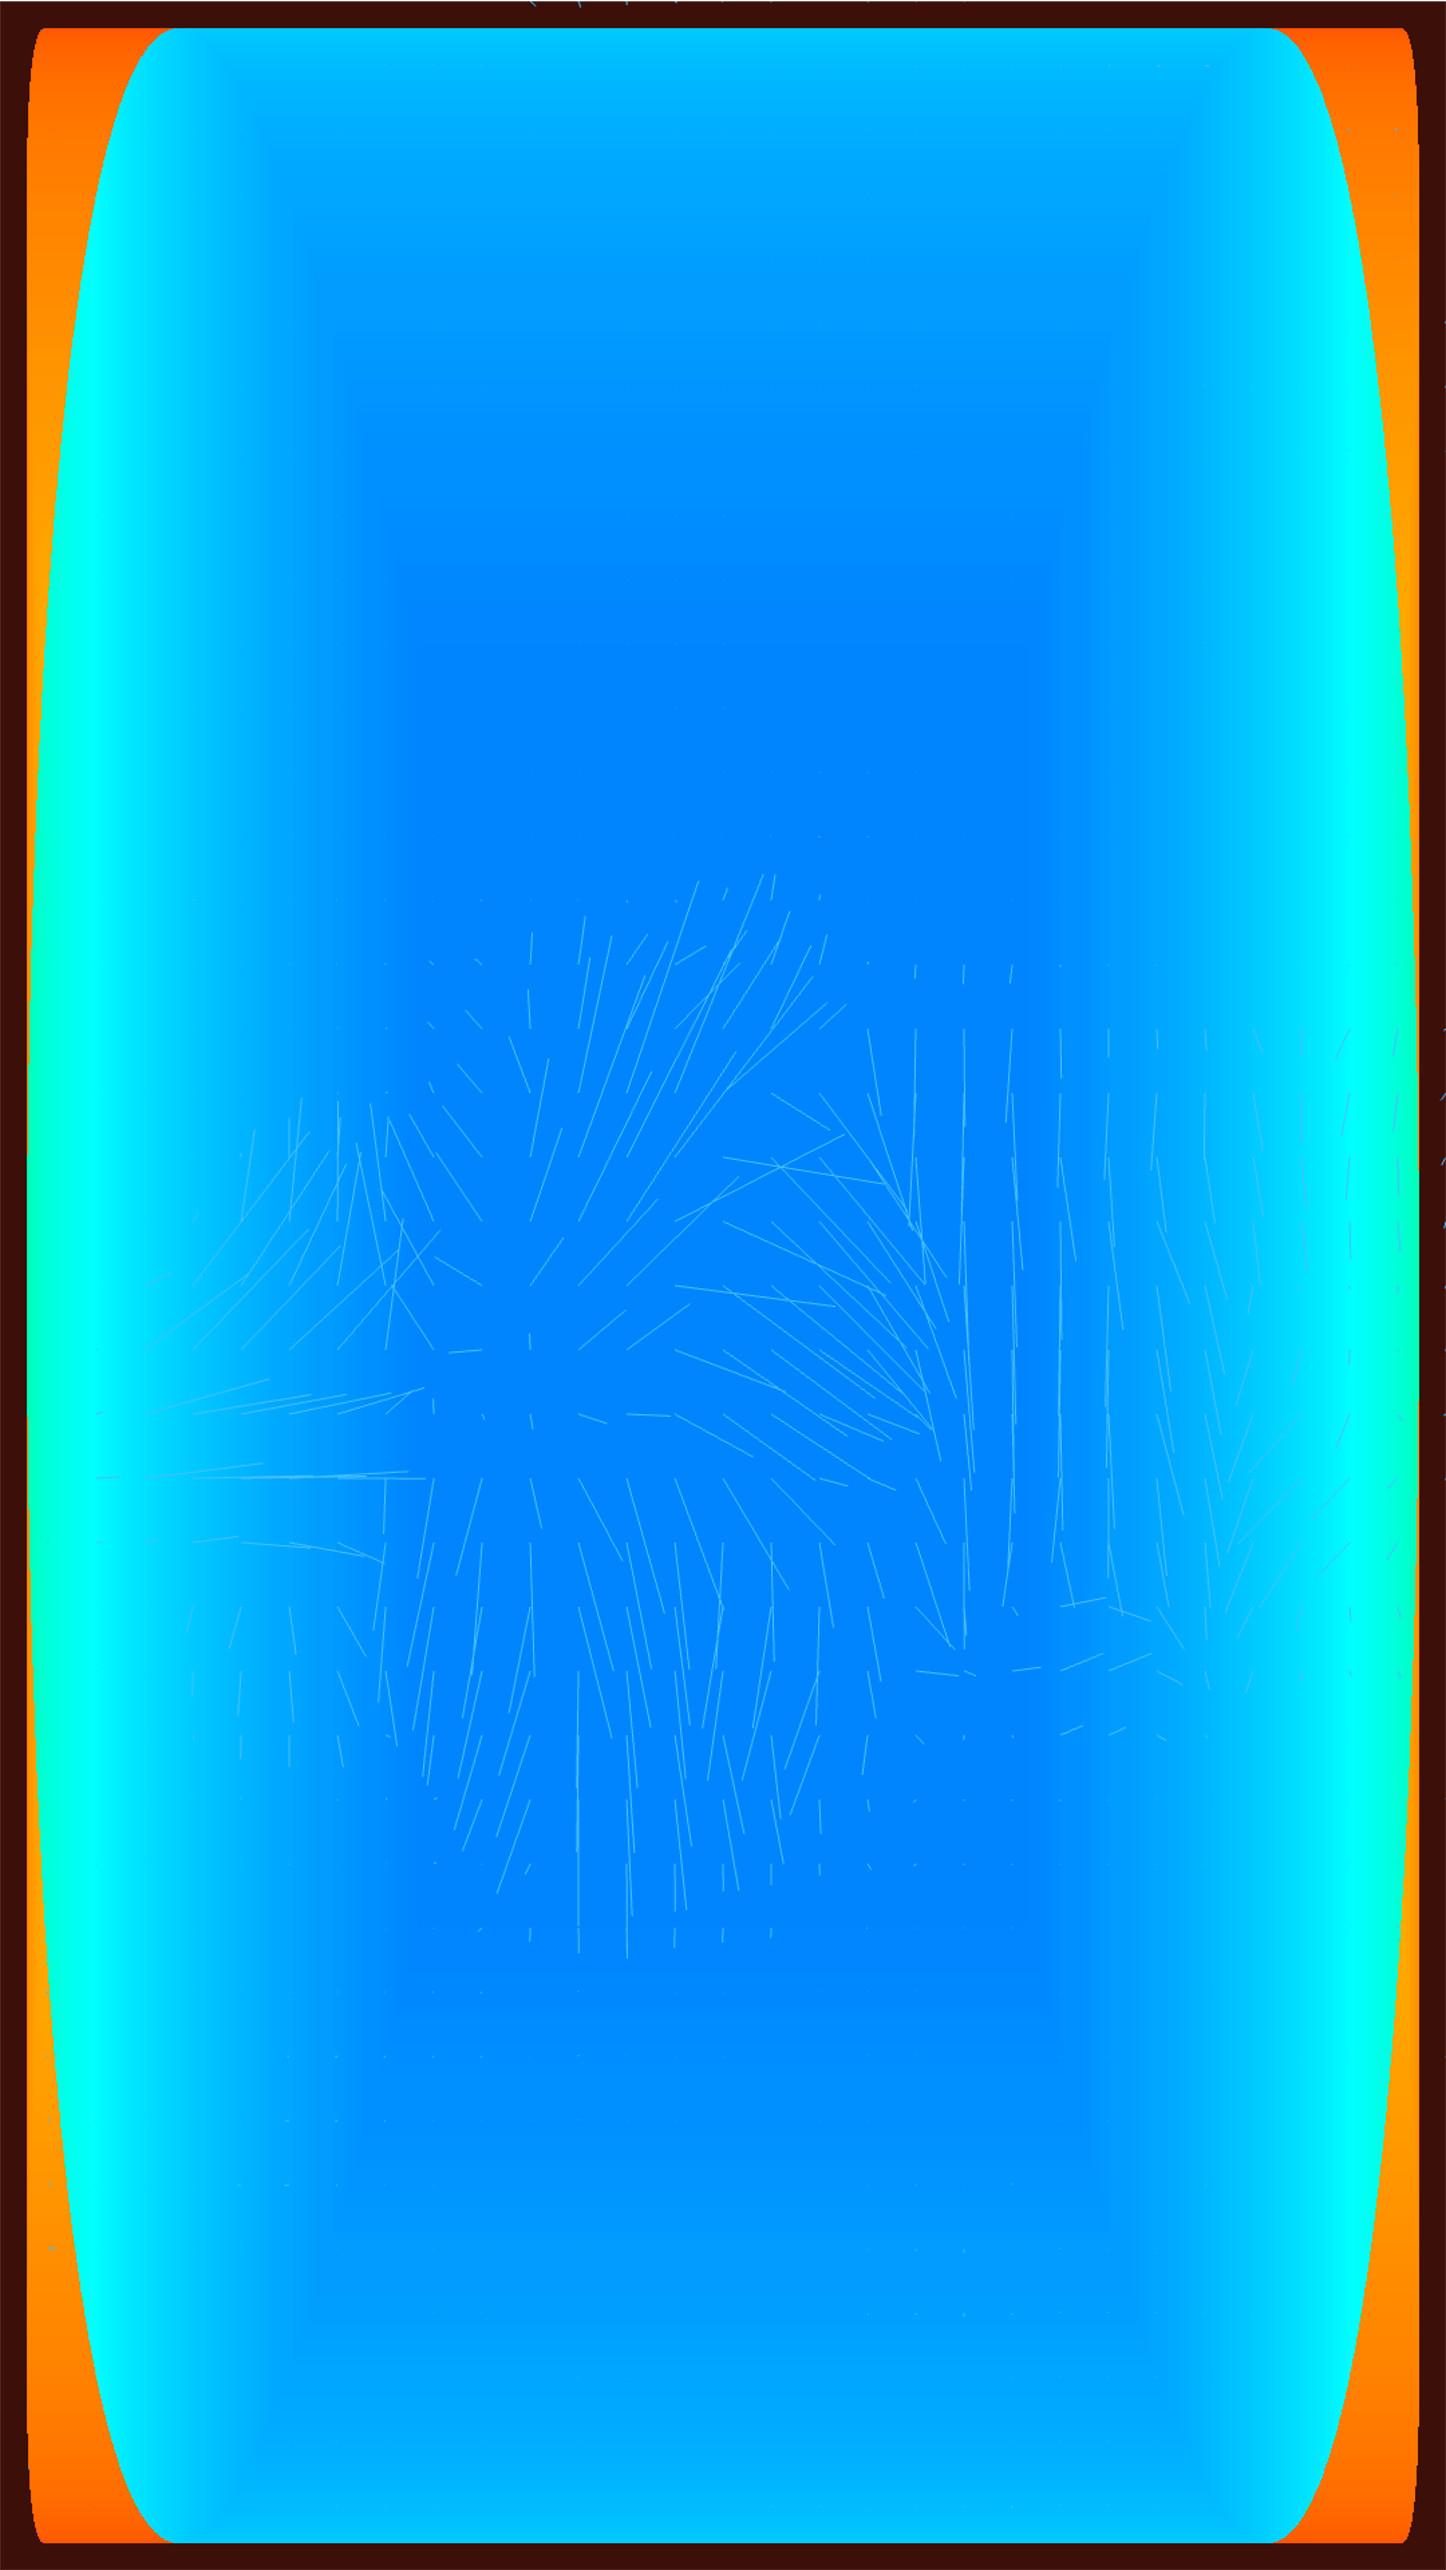 [989] autopoieticSystem_uniquePrint_10 (2017) - Félix Lazo Varas - Lazo